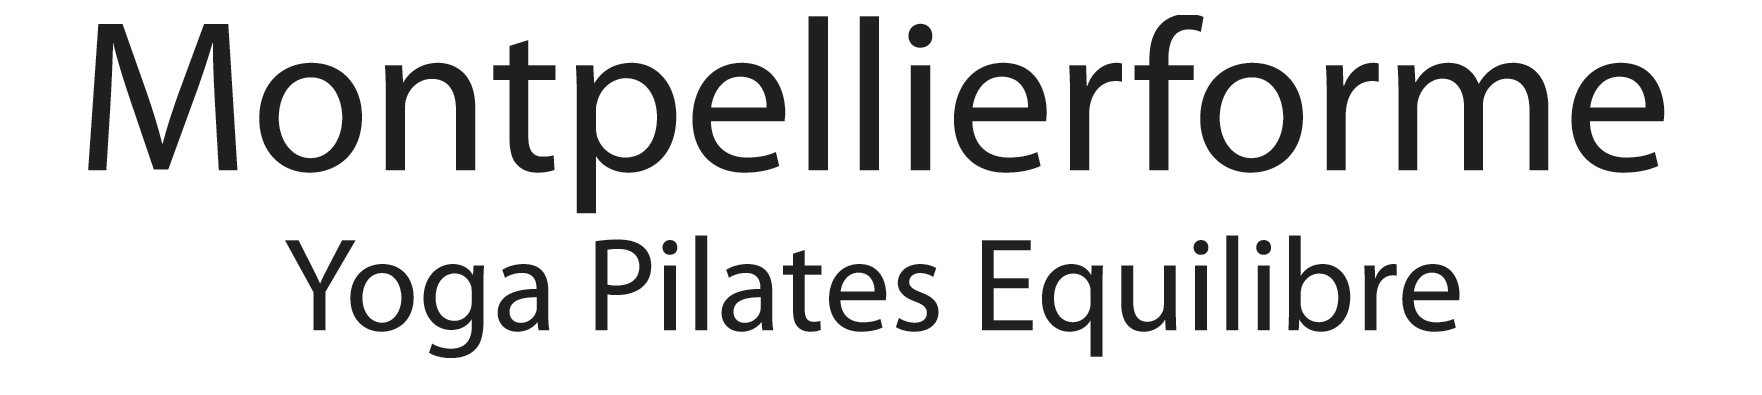 Montpellierforme Yoga Pilates Yogalates Equilibre